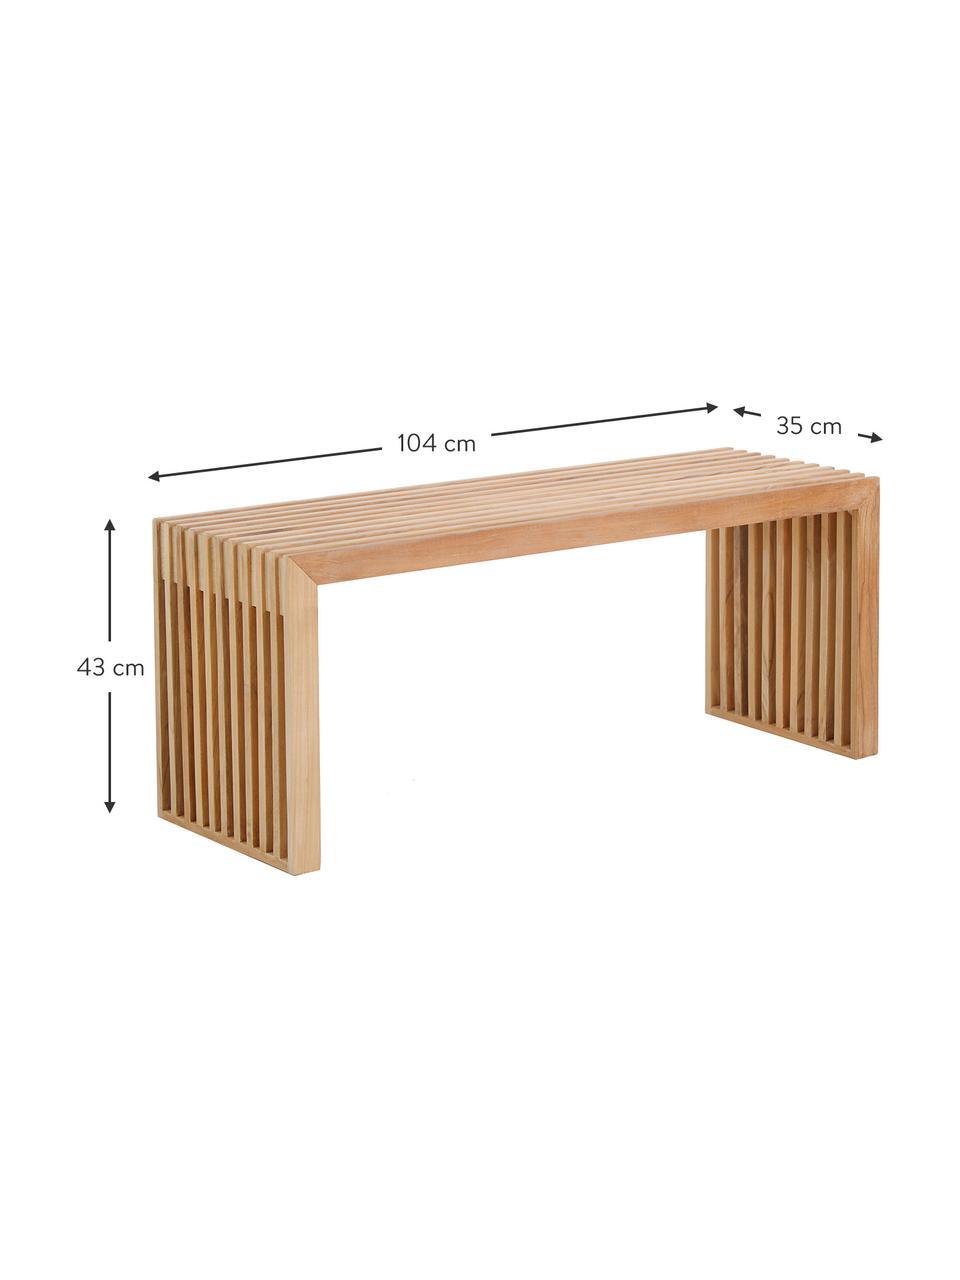 Sitzbank Rib aus massivem Teakholz, Teakholz, Teak, 104 x 43 cm